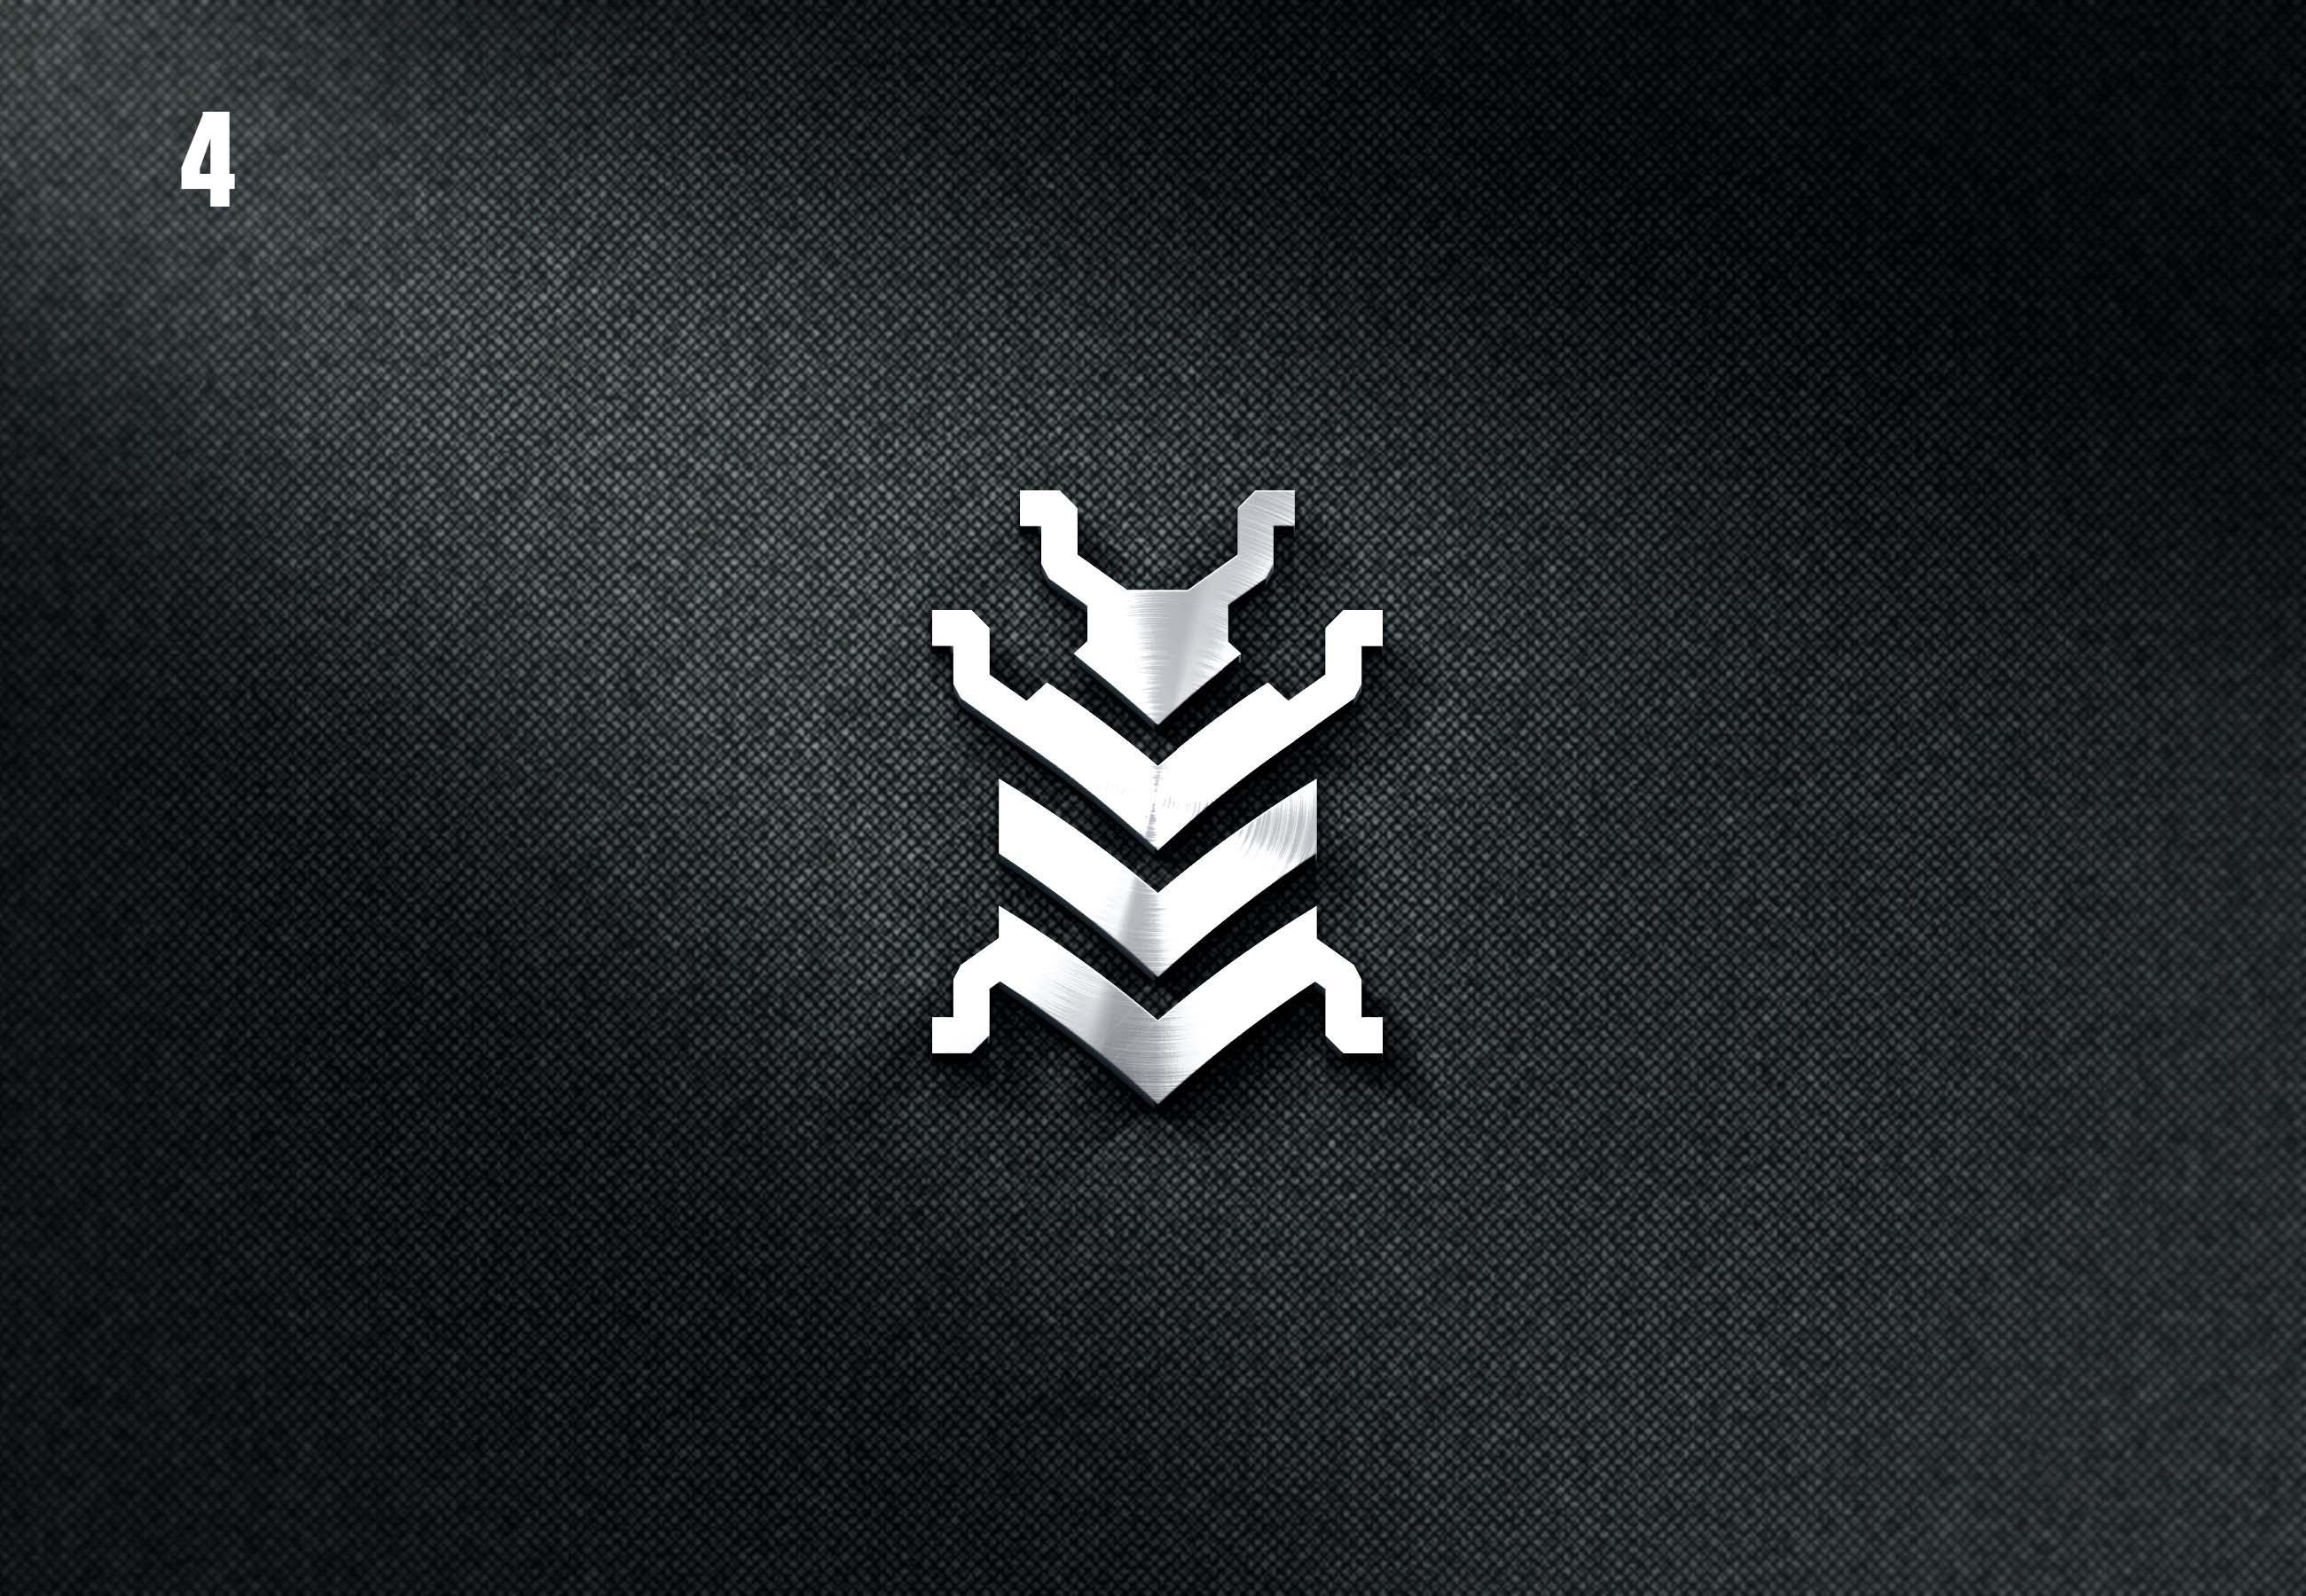 Нужен логотип (эмблема) для самодельного квадроцикла фото f_1005b10334616c7e.jpg